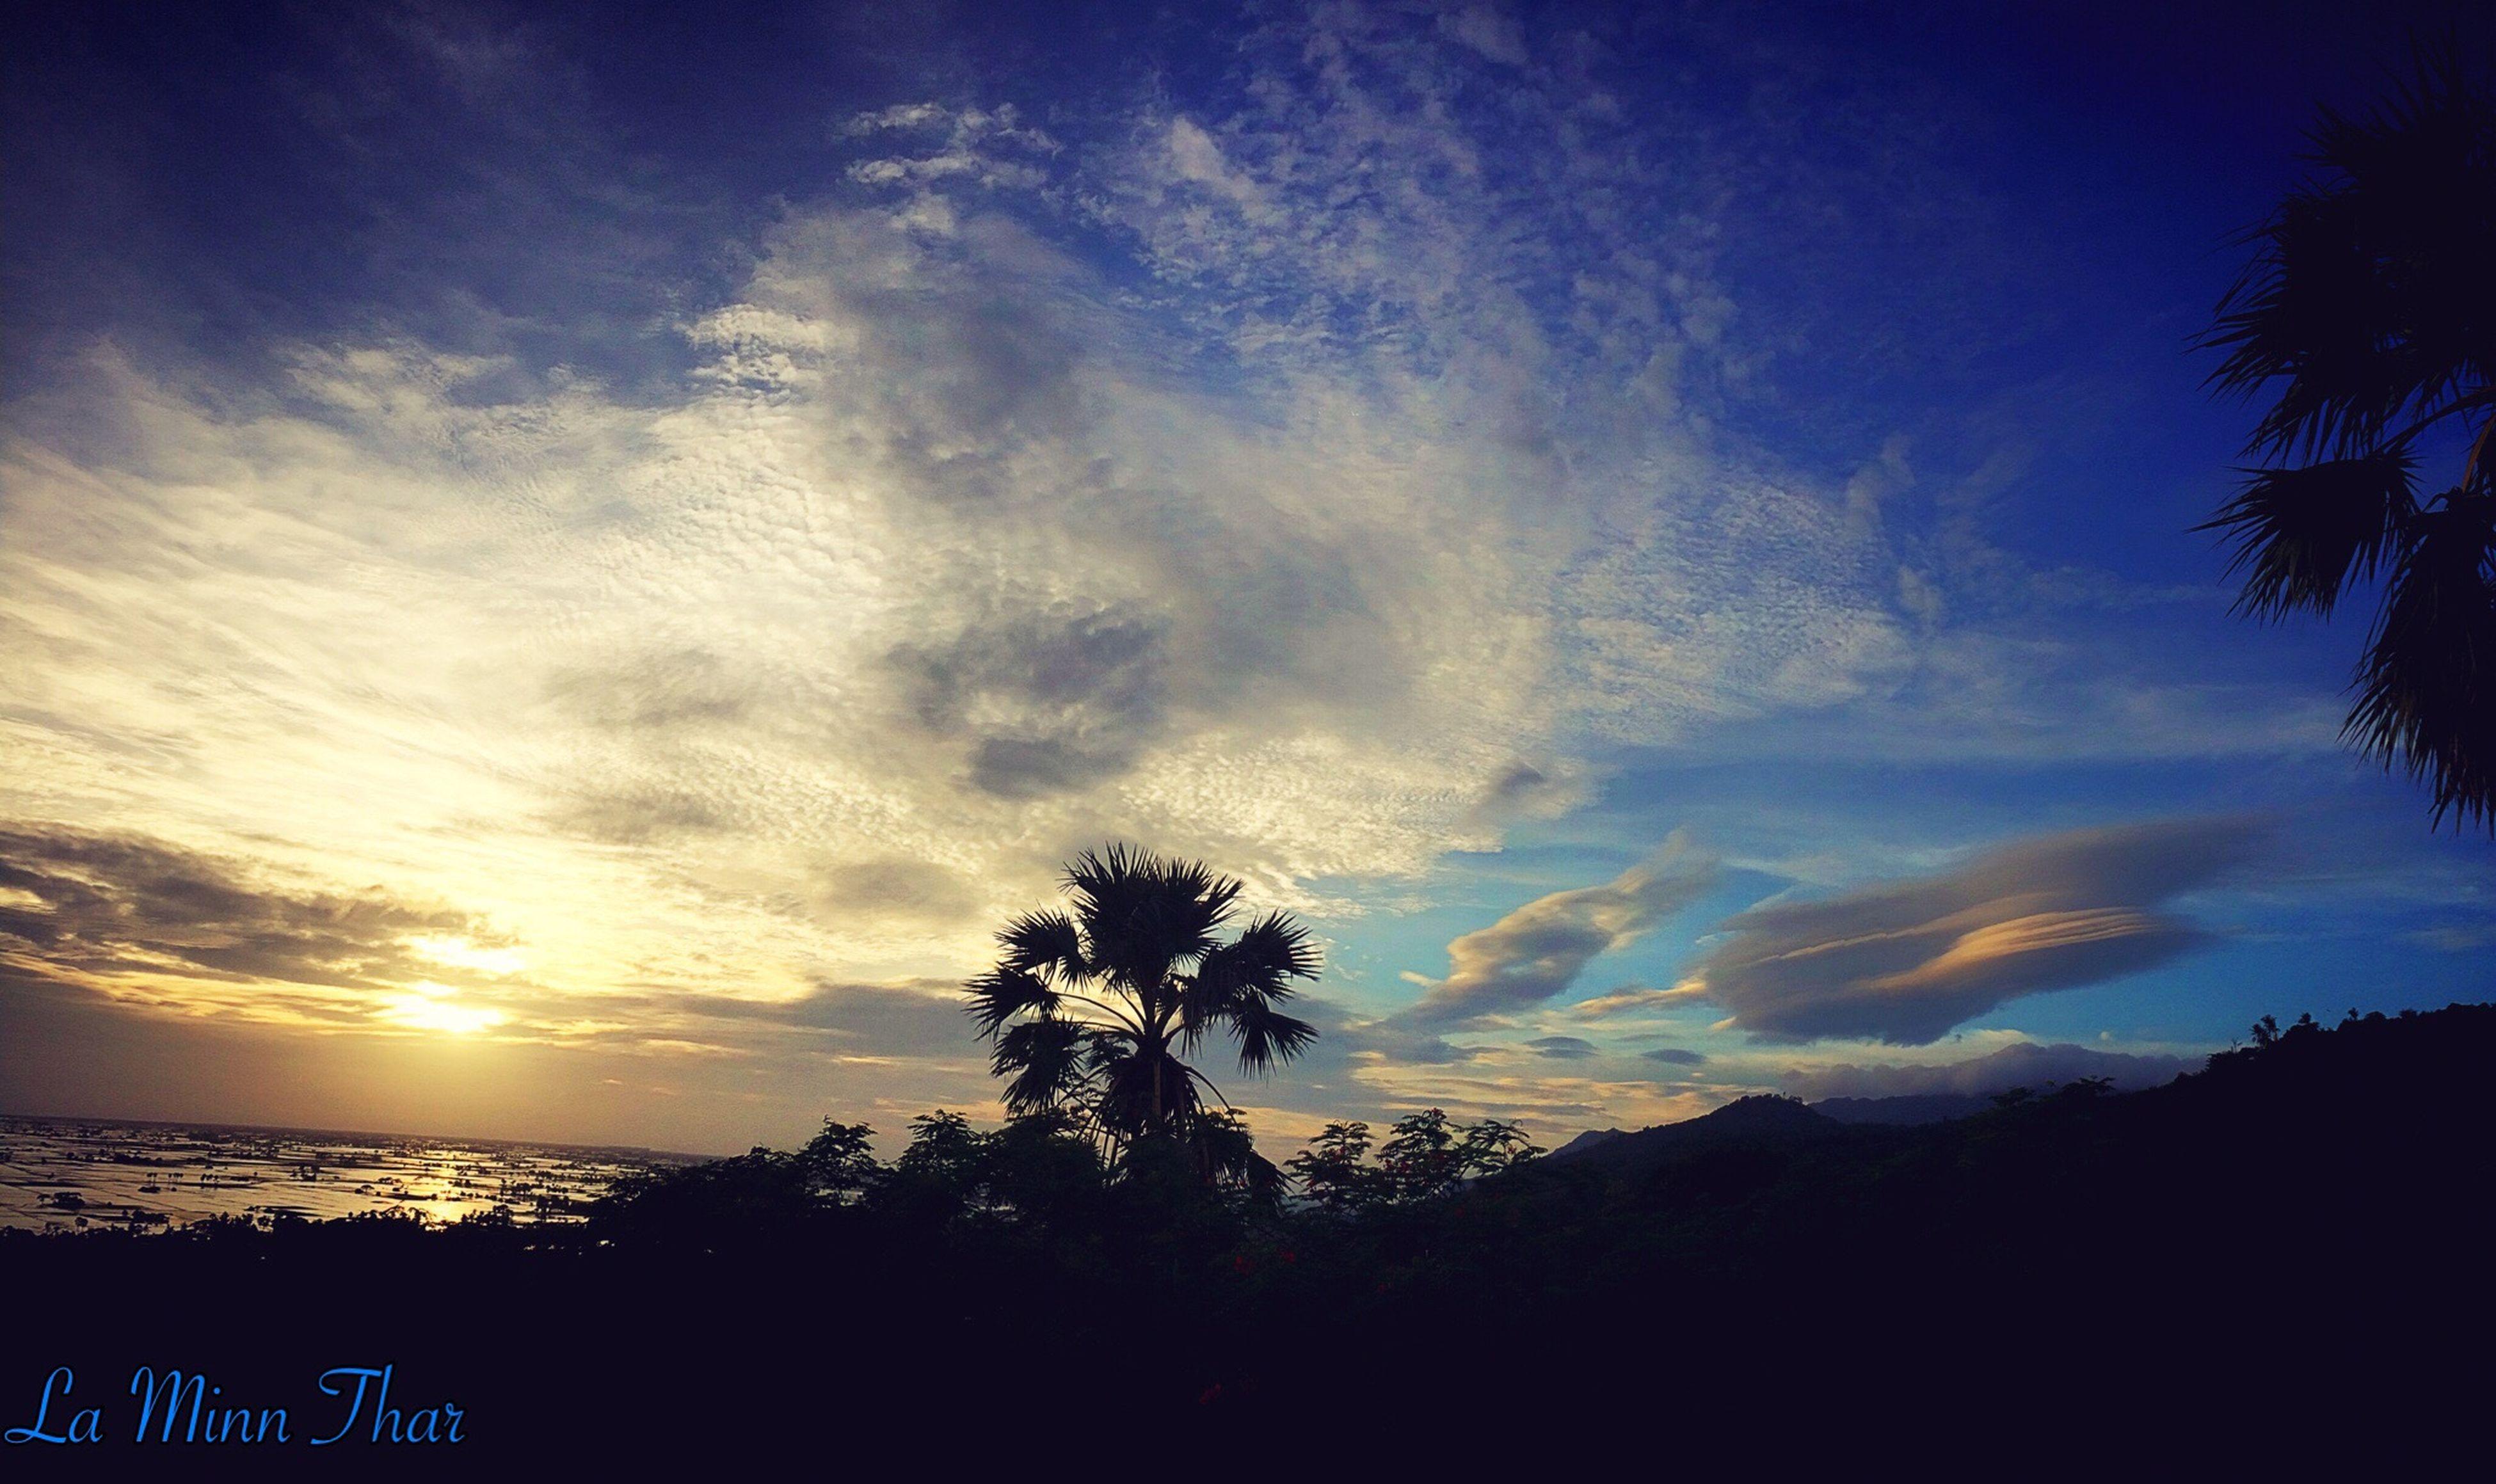 The Clouds ☁️☁️